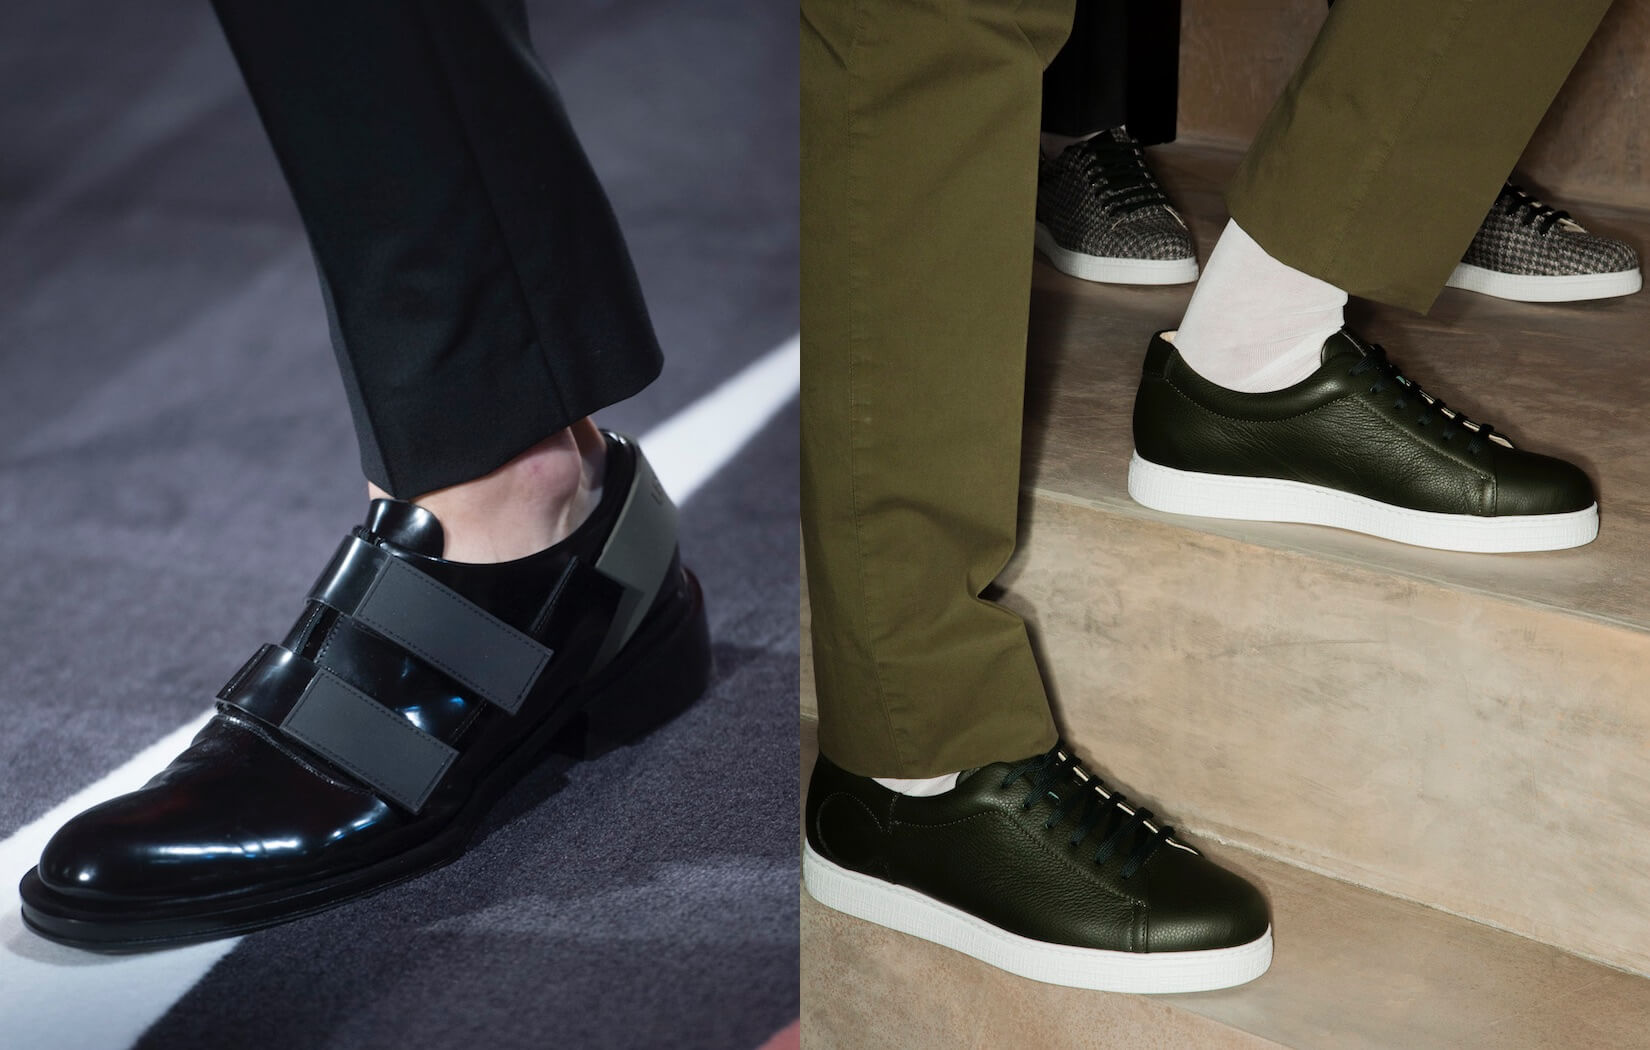 rivenditore di vendita 3e685 0a316 Scarpe uomo 2019. Le tendenze: sportive ed eleganti - Moda ...